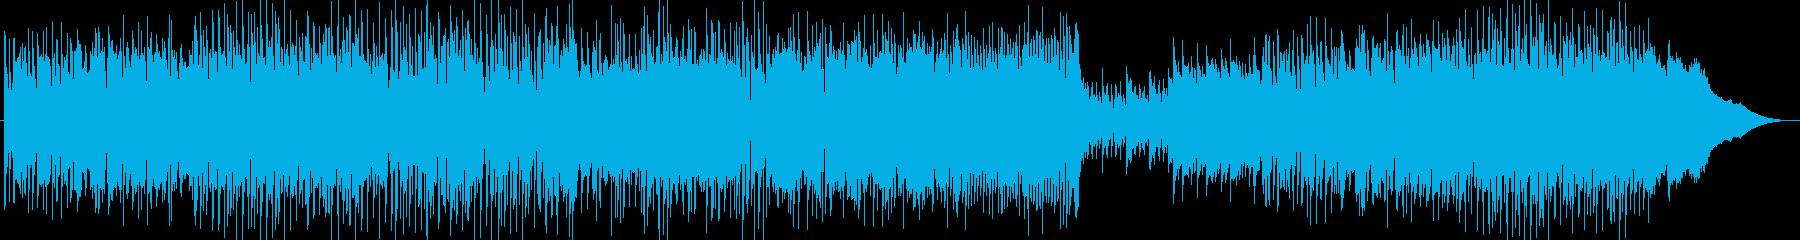 ピアノメインの爽やかBGMの再生済みの波形